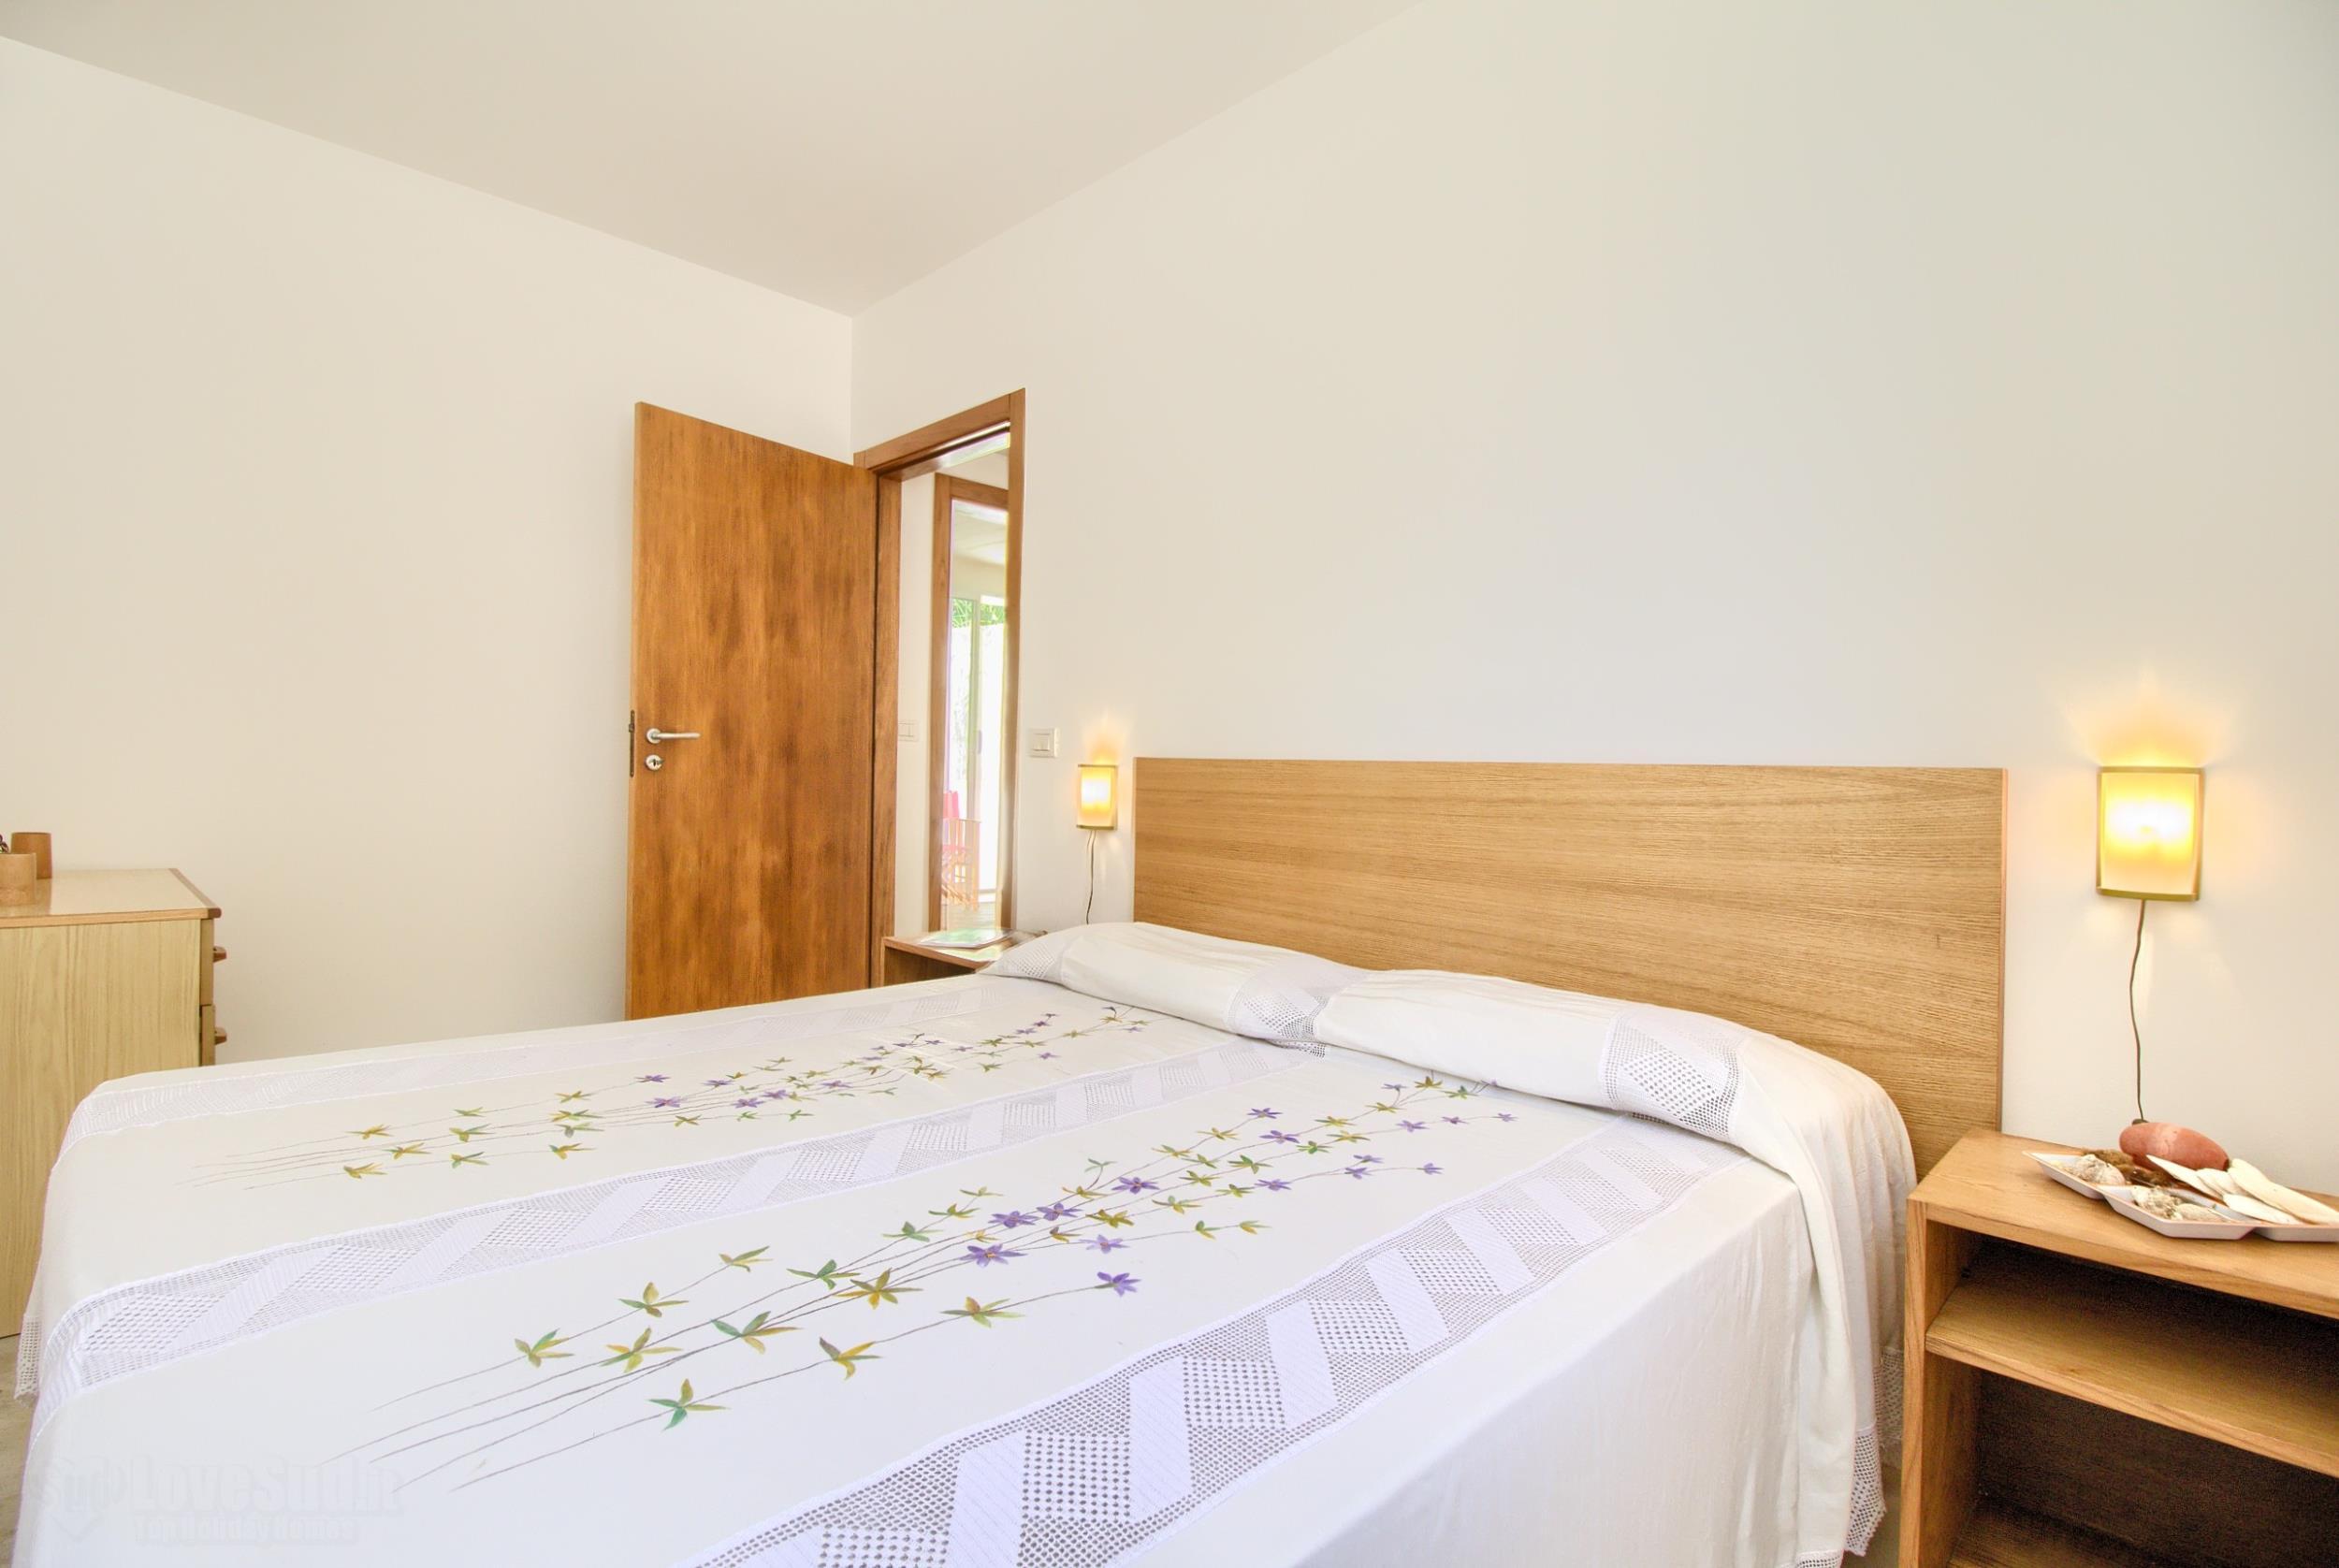 Apartment Rifugio private sea access photo 22514762